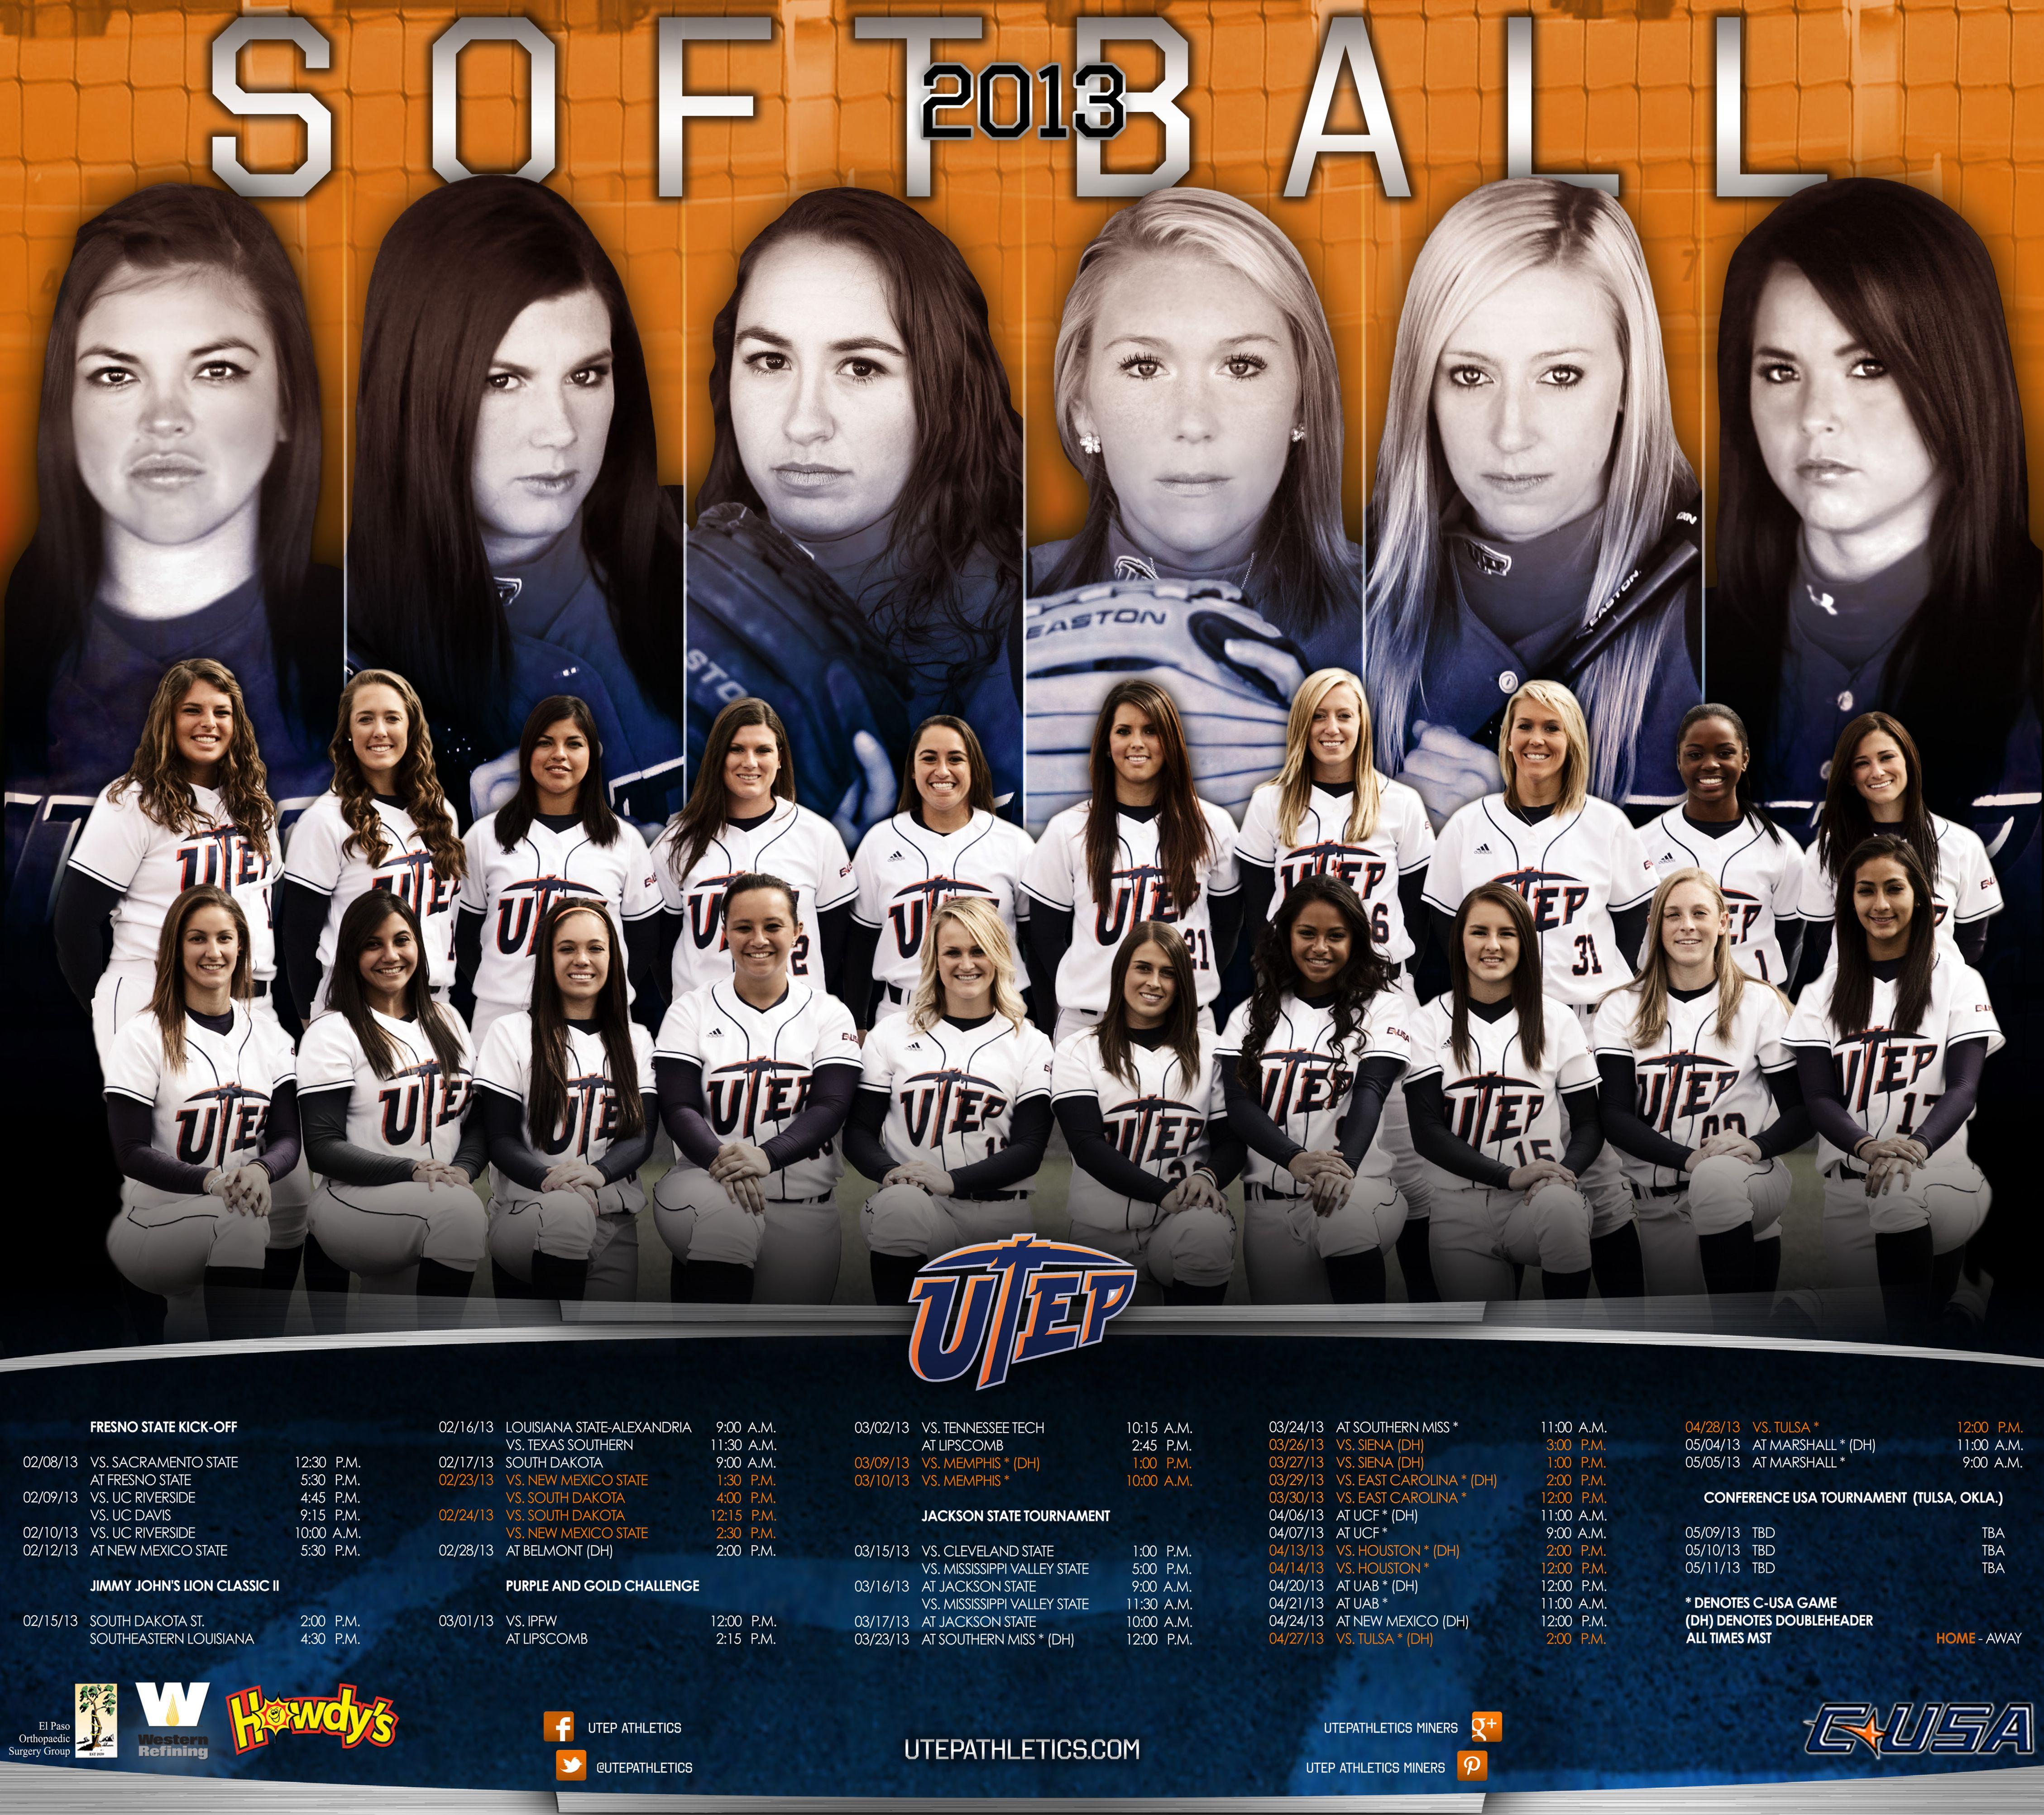 2013 Utep Softball Poster Softball Posters Baseball Posters Basketball Posters